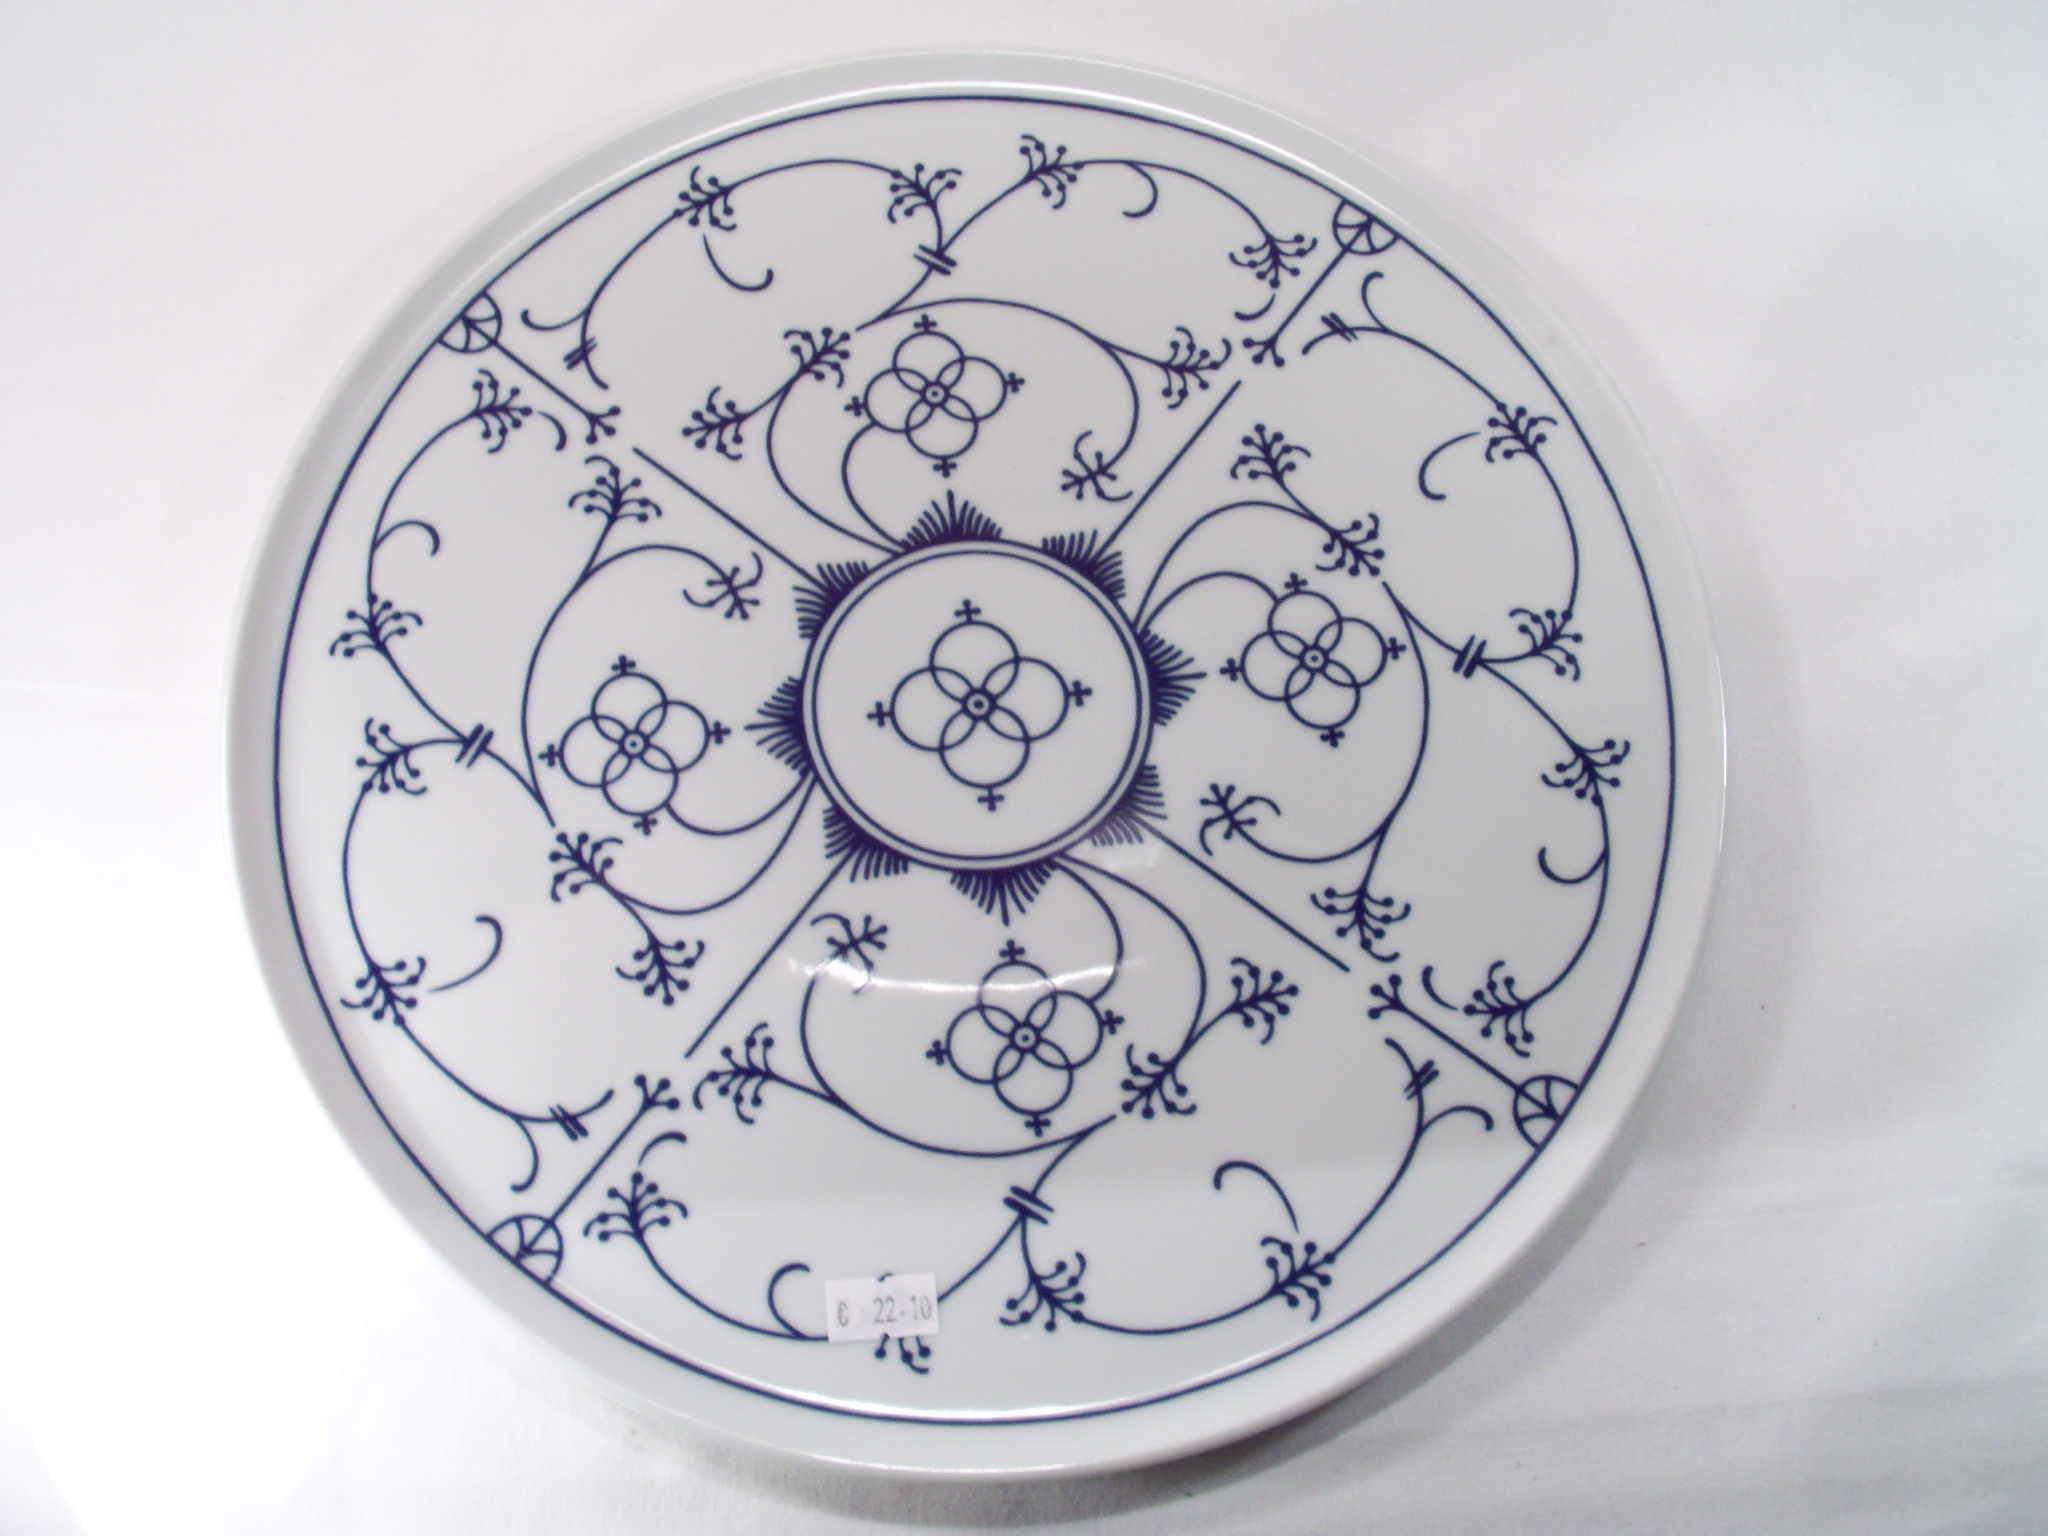 Tortenplatte Porzellan 33 cm Winterling indischblau indisch blau ...